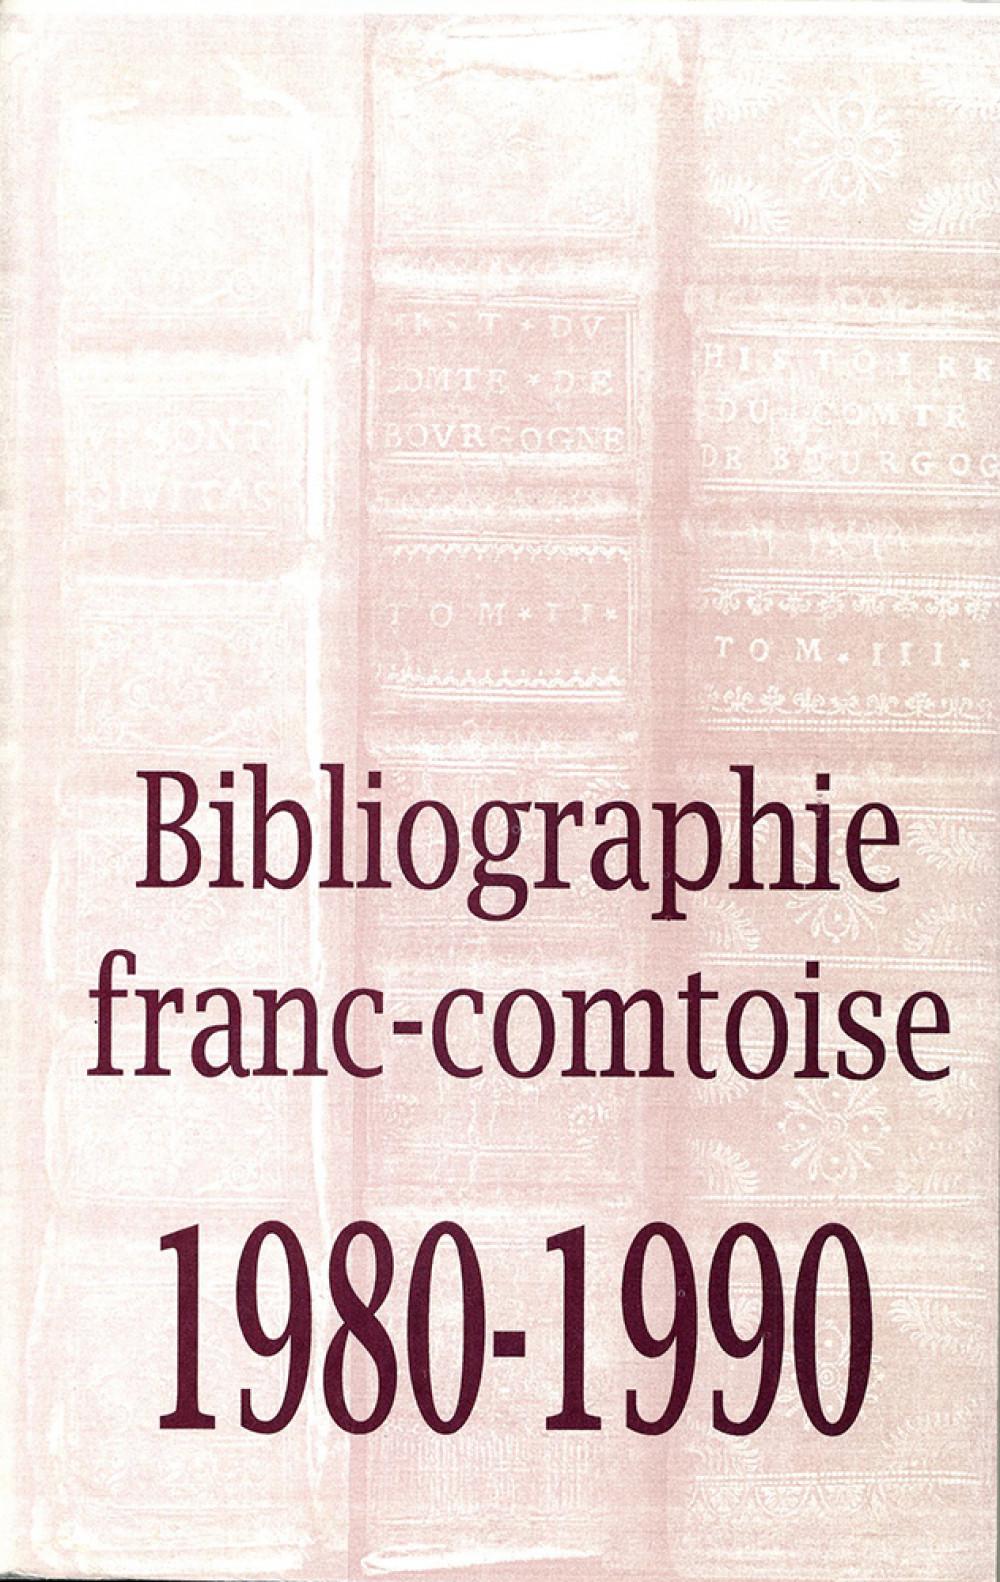 Bibliographie franc-comtoise 1980-1990